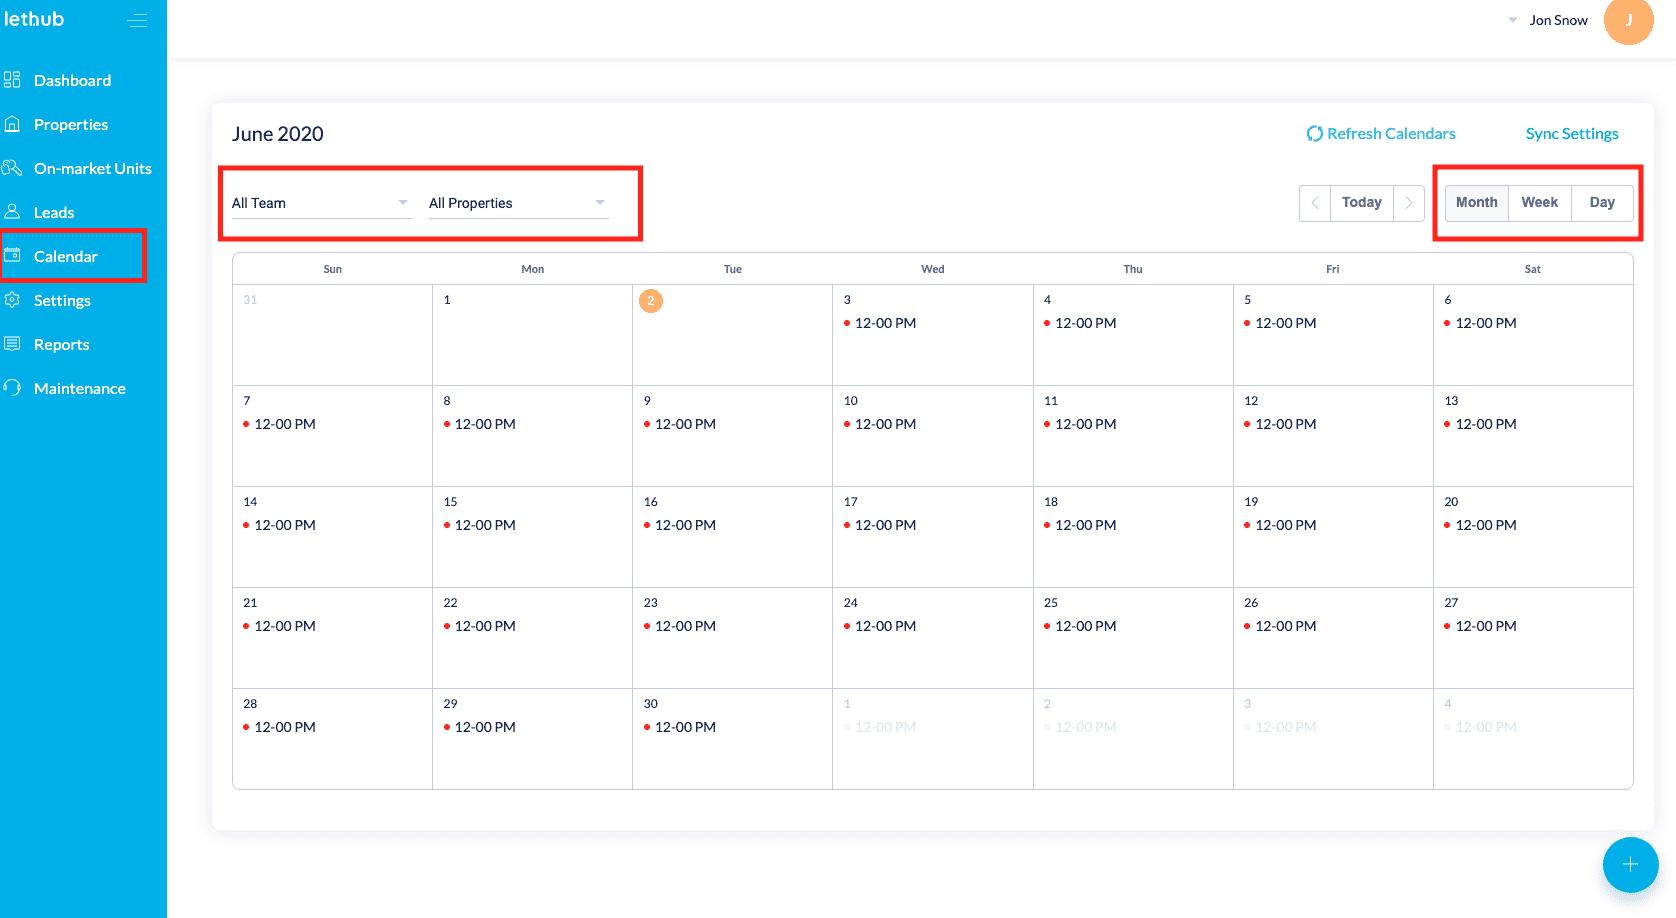 AI syncing the calendar